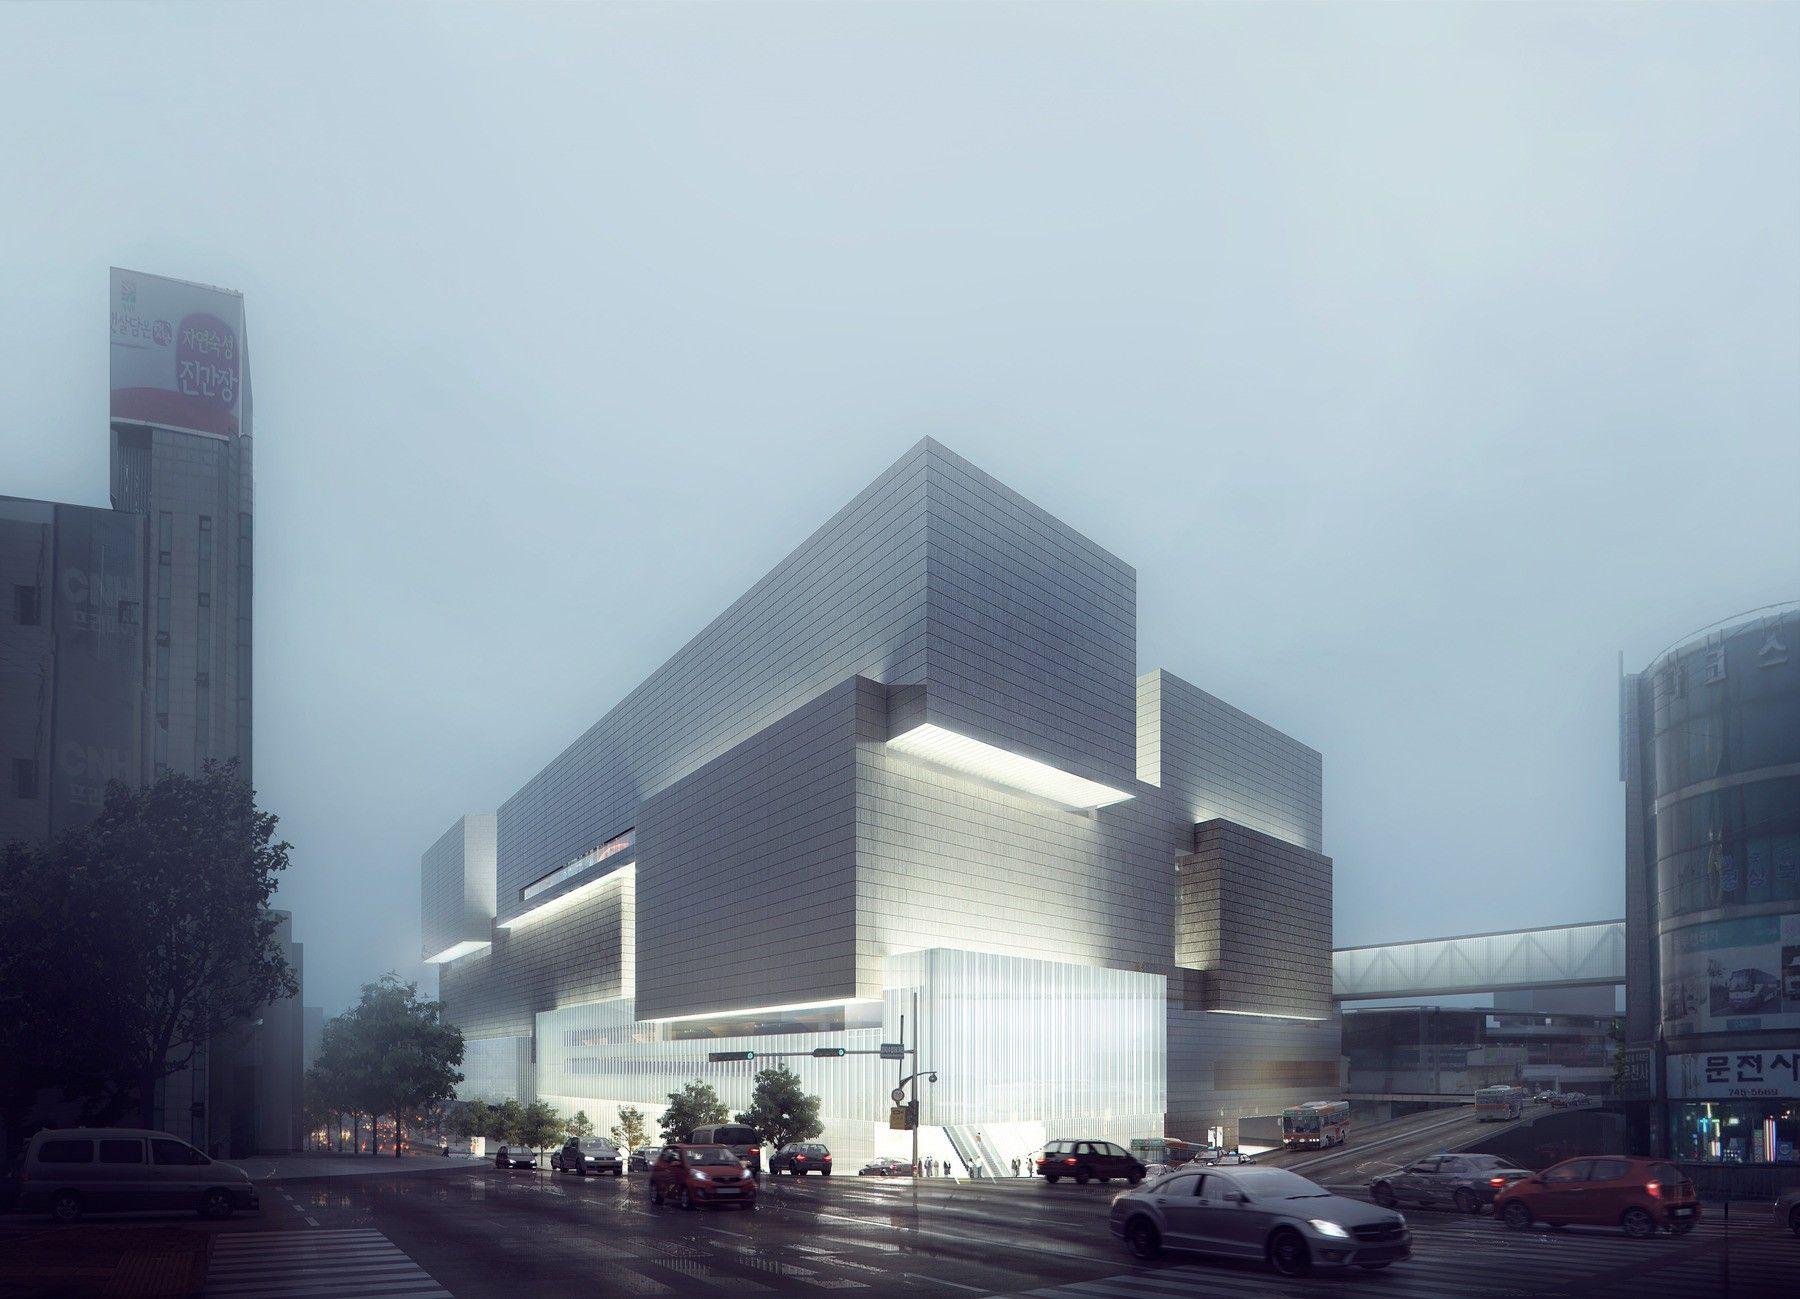 Architektur Rendering work mir bergen visualization visualisierung architektur und